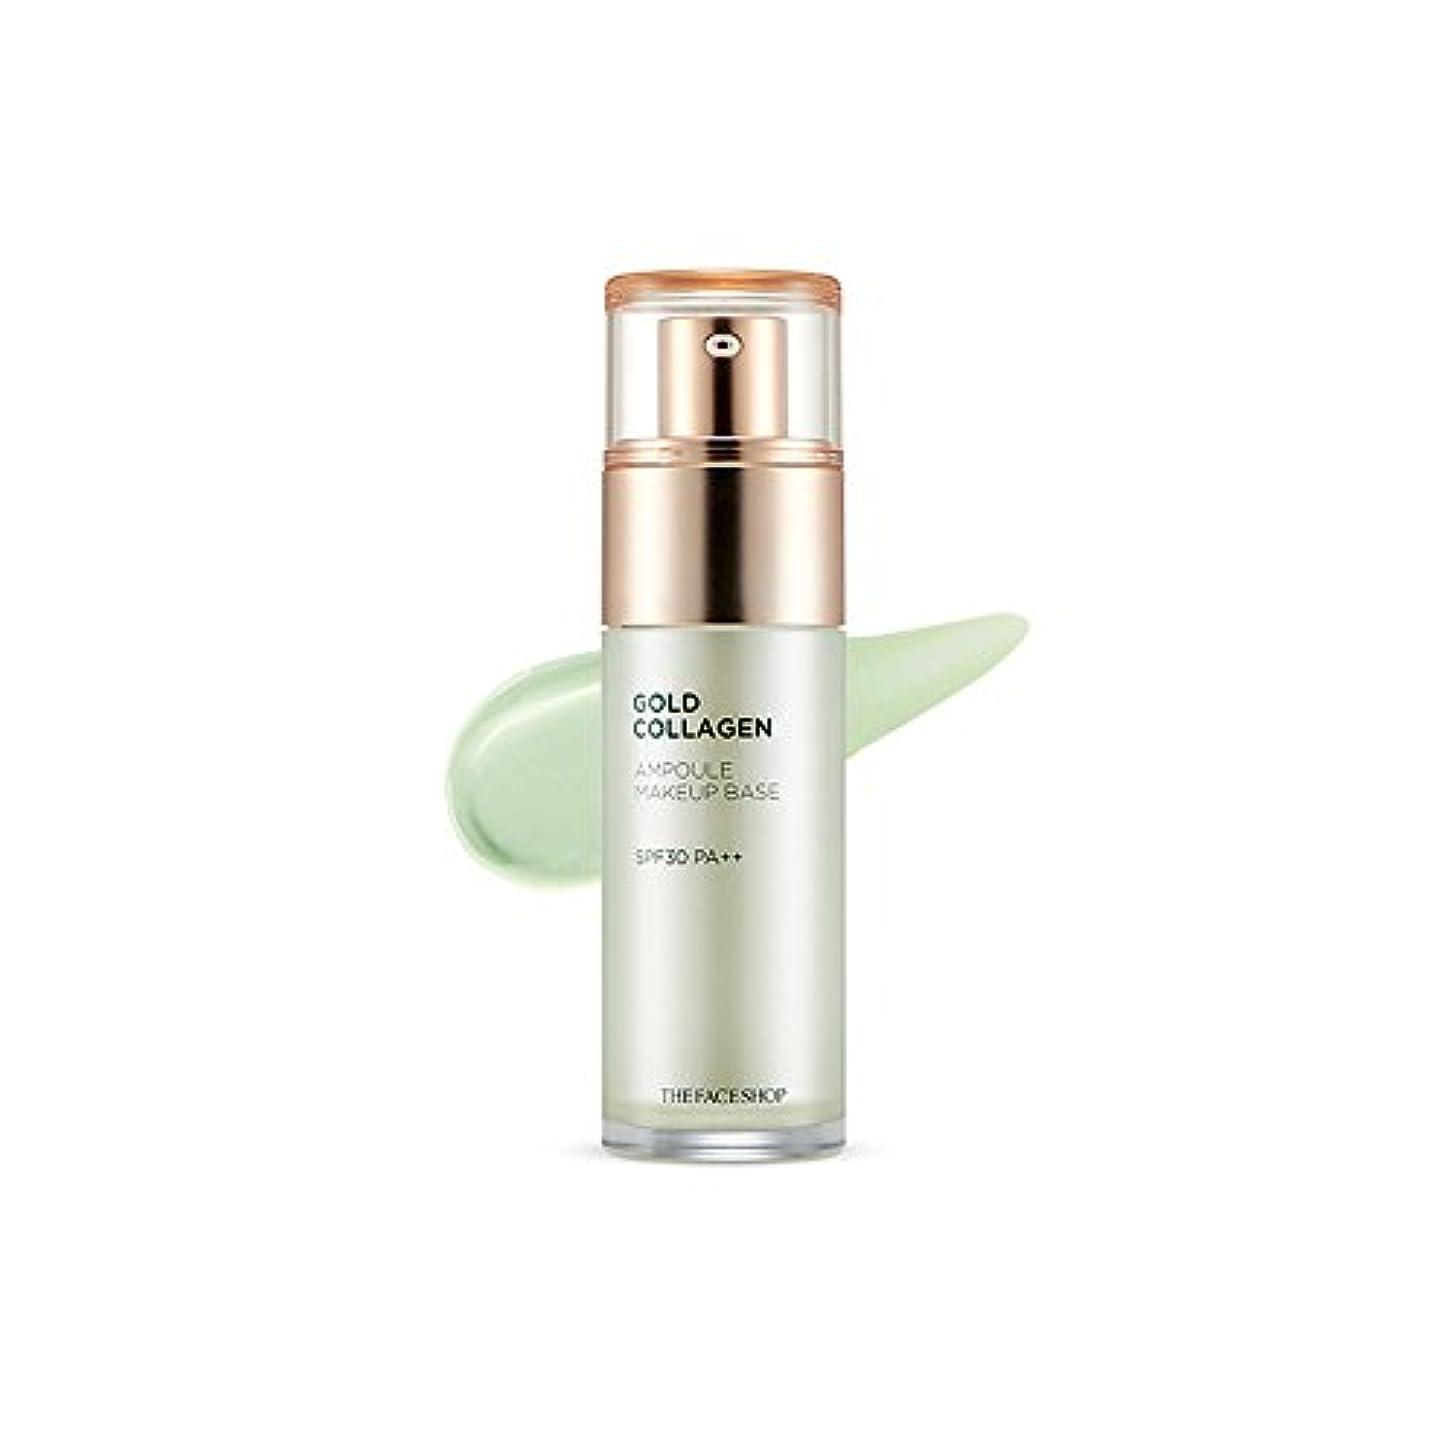 面白い増幅栄養[ザ?フェイスショップ]The Faceshop ゴールドコラーゲンアンプルメイクアップベースSPF30PA ++ 40ml The Faceshop Gold Collagen Ampoule Makeup Base...